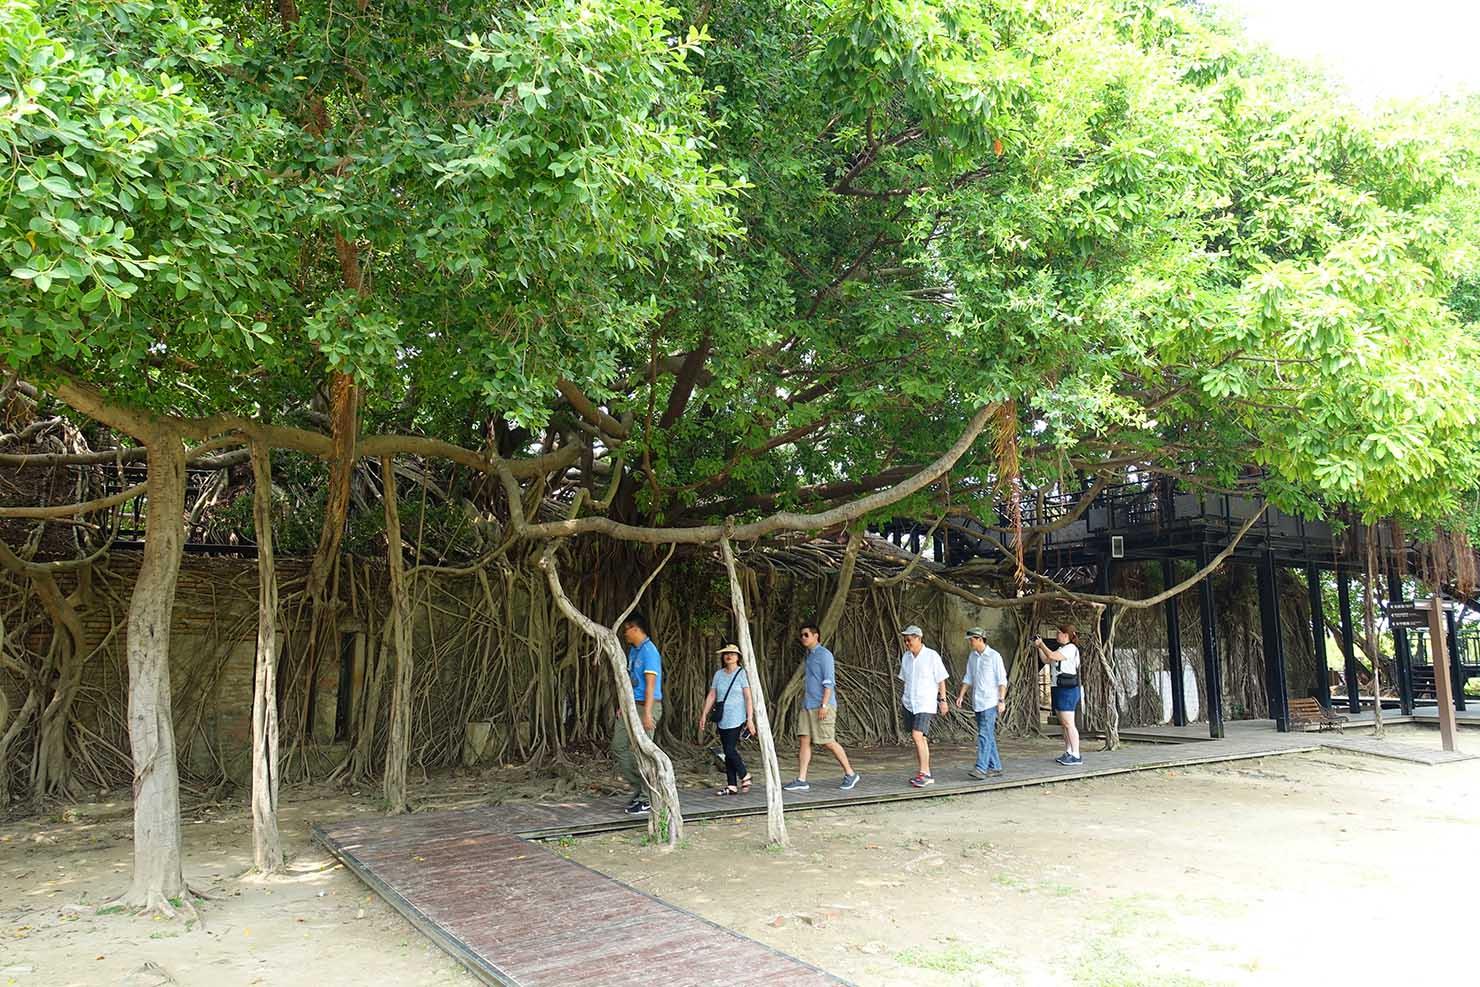 台湾の古都・台南のおすすめ観光スポット「安平樹屋」の外観